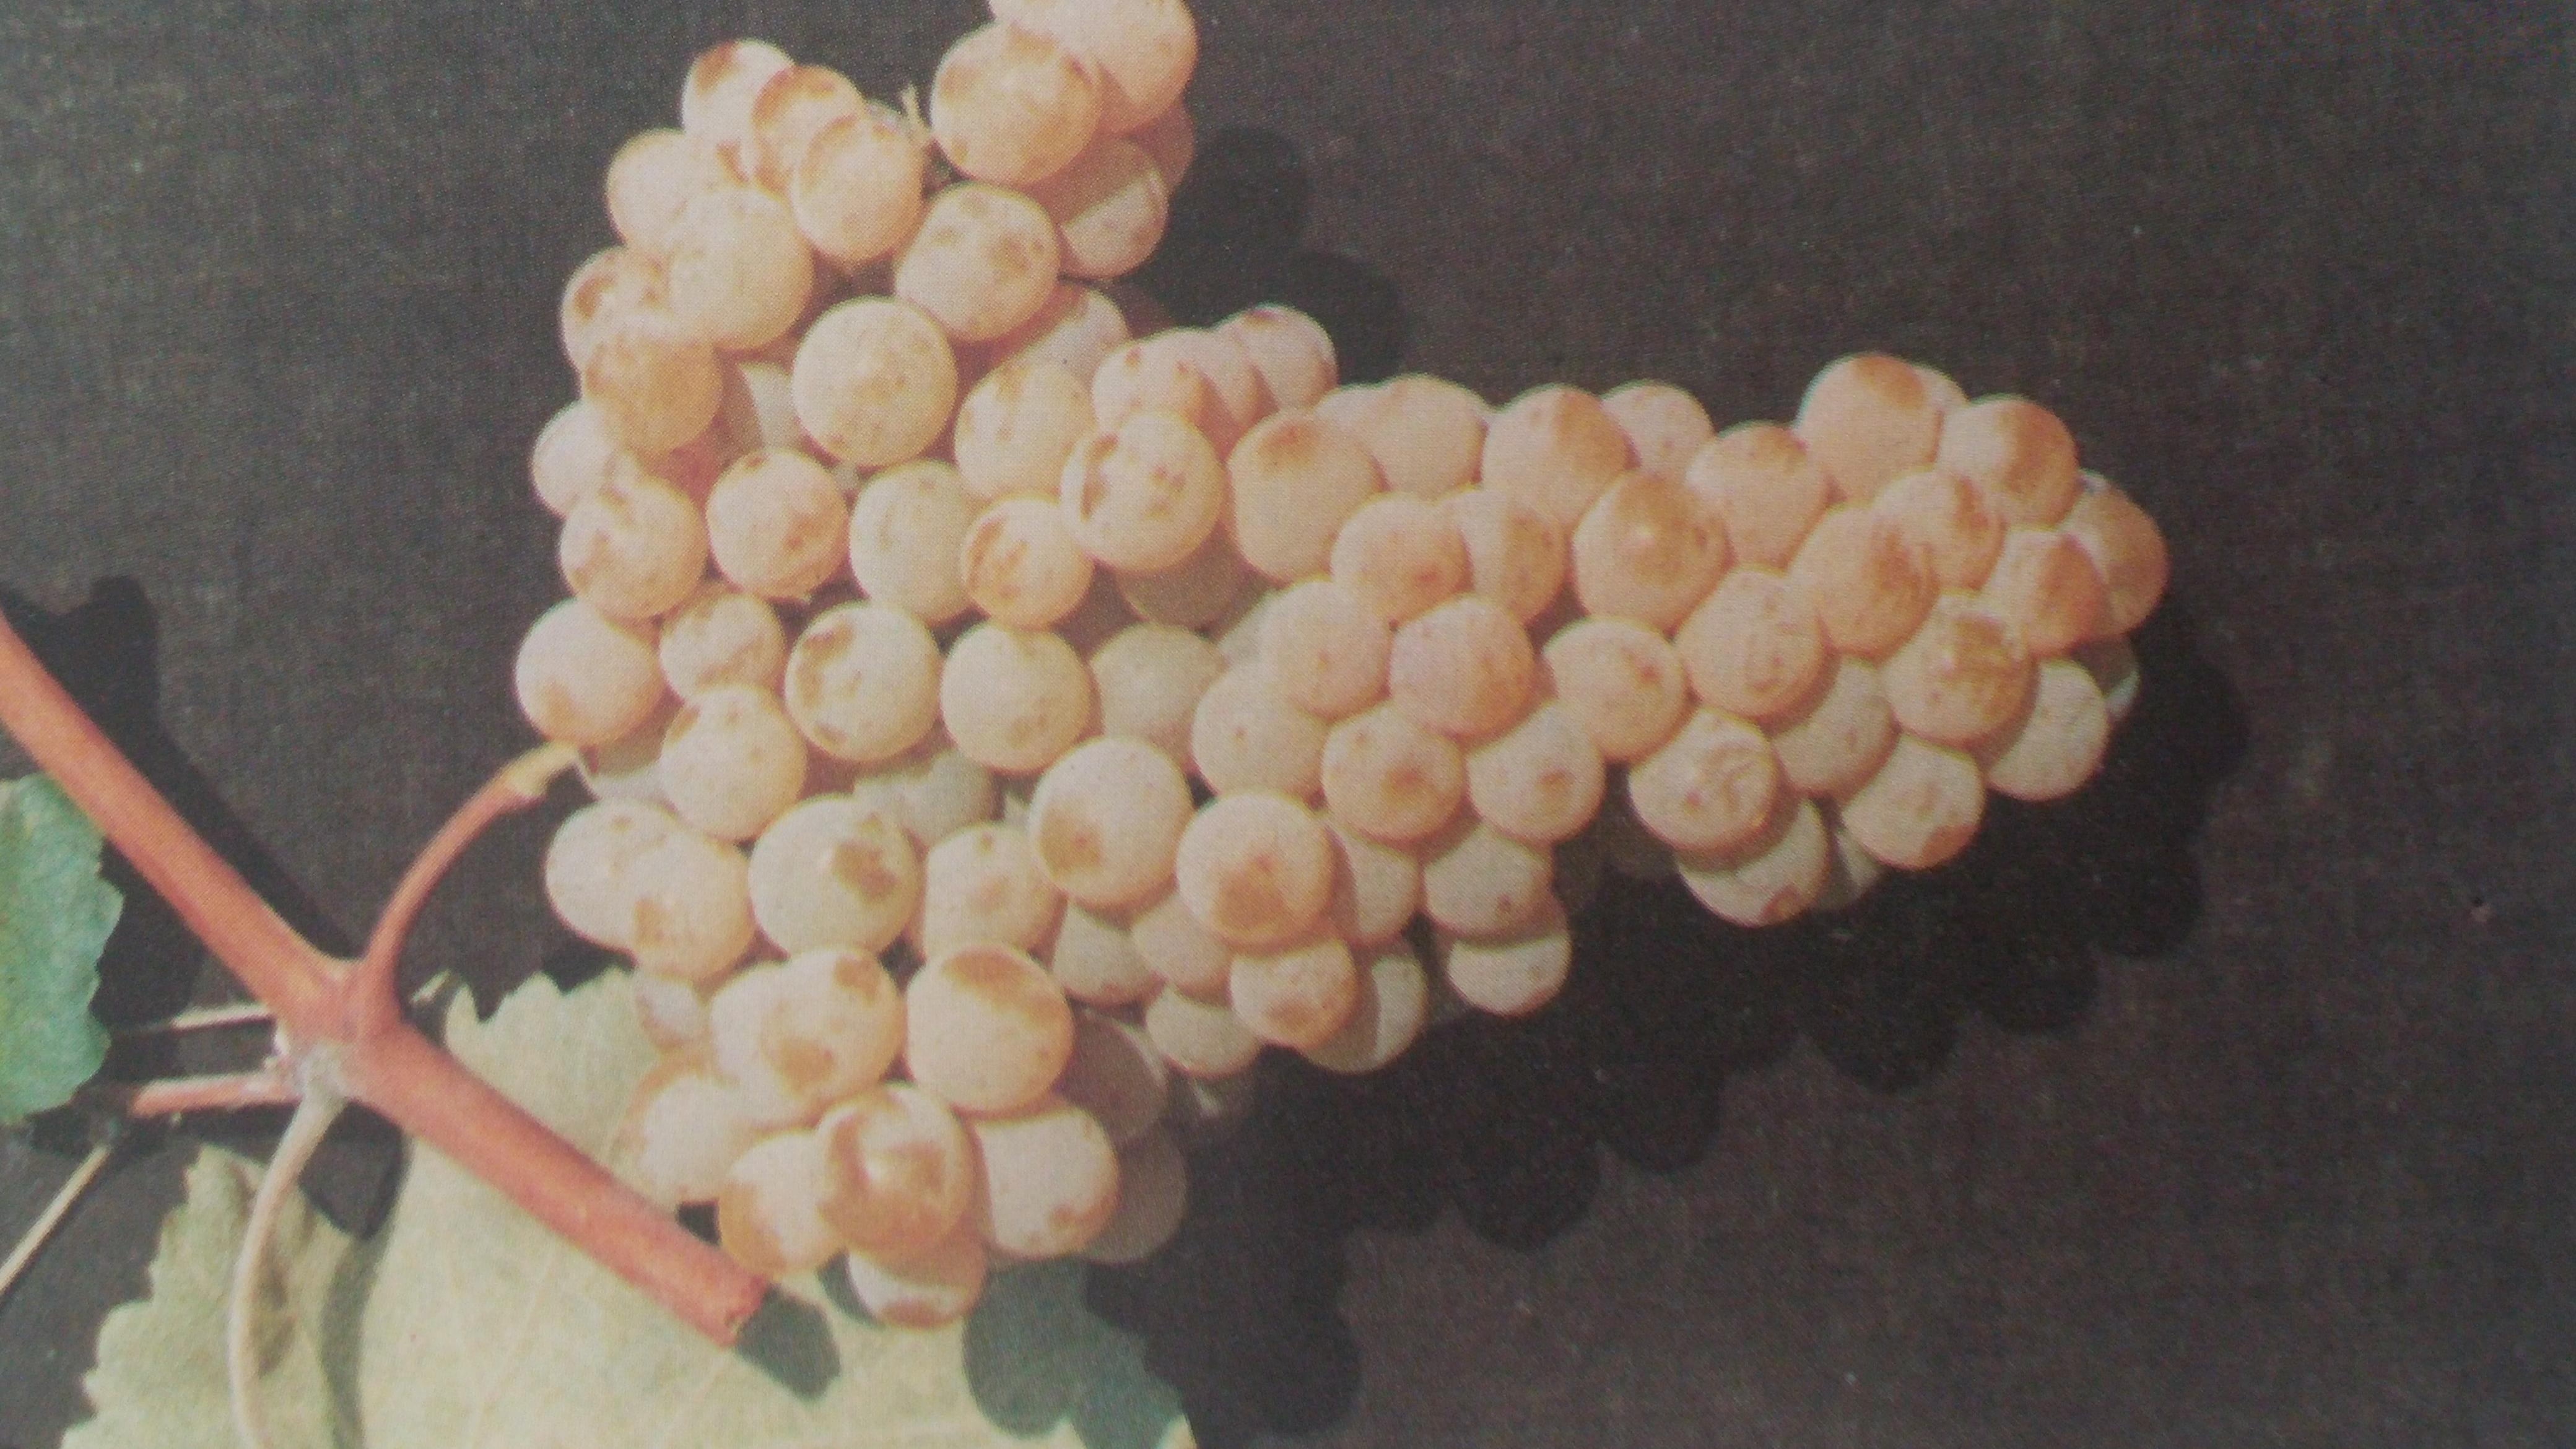 Το Θραψαθηρι είναι μια σημαντική ποικιλία της Κρήτης, η οποία αναδεικνύεται σε μια από τις πλέον υποσχόμενες και συναρπαστικές λευκές ποικιλίες του νησιού.Χάρη στα χαρακτηριστικά γνωρίσματά του προσελκύει την προσοχή πολλών οινοκριτικών, δίνοντας πρώτης τάξεως ξηρά και, σε κάποιες περιπτώσεις, γλυκά, λευκά κρασιά.